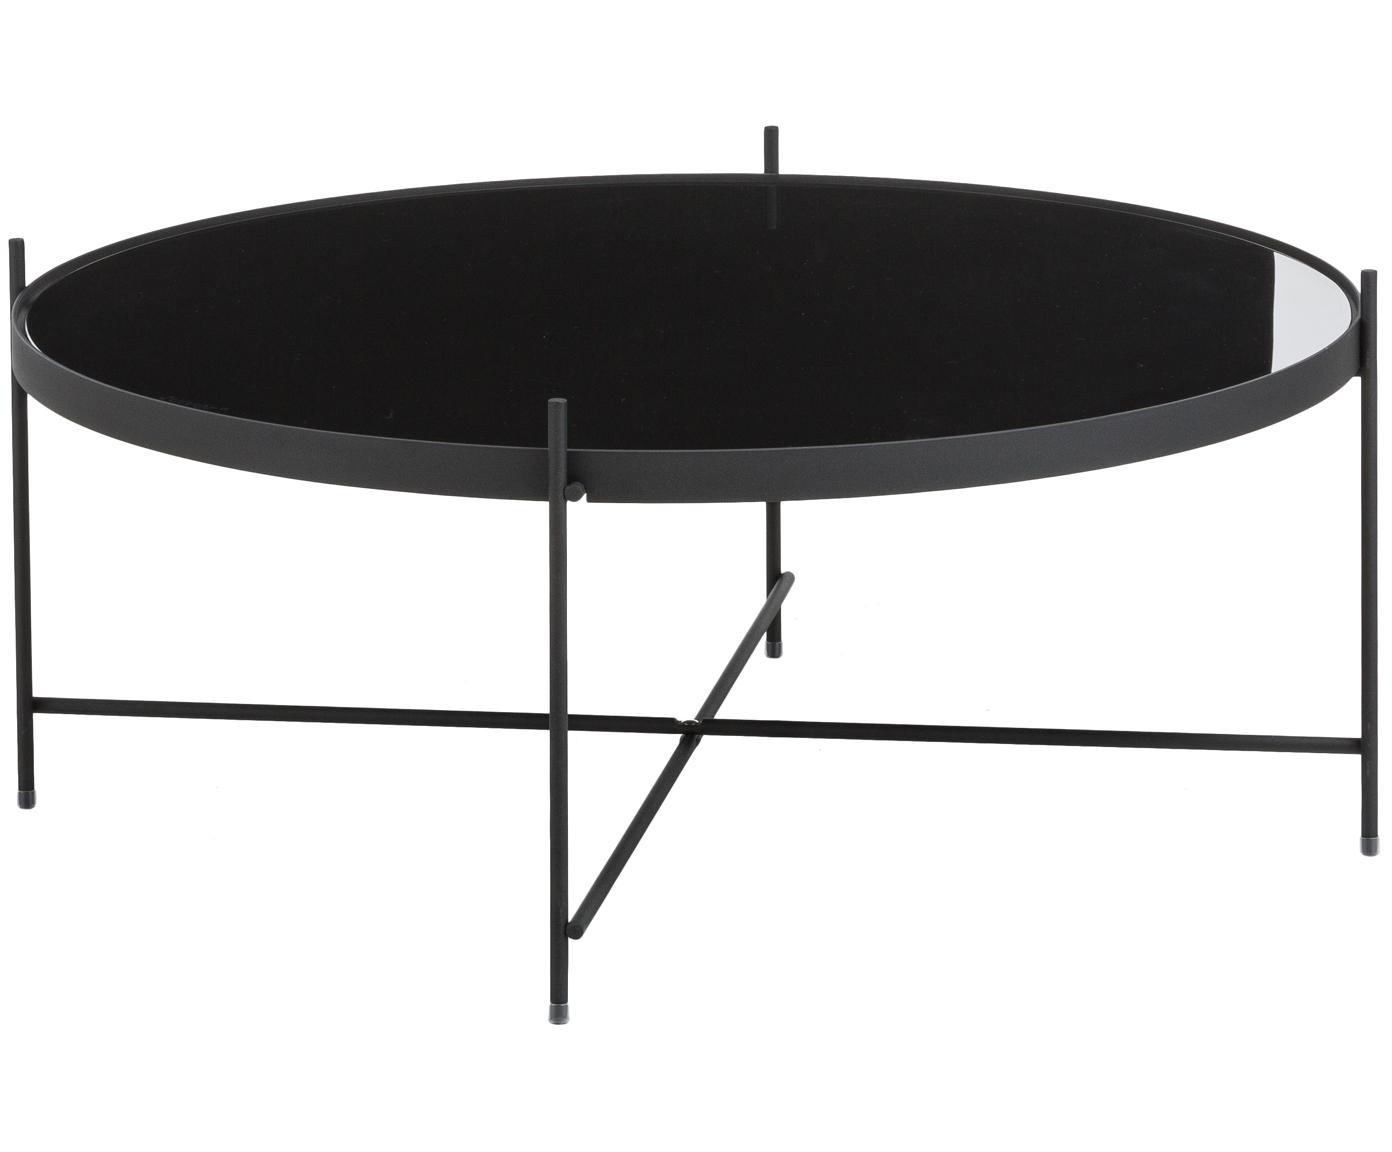 Tavolino da salotto con piano in vetro Cupid, Struttura: ferro, verniciato a polve, Piano d'appoggio: vetro nero, Nero, Ø 83 x Alt. 35 cm